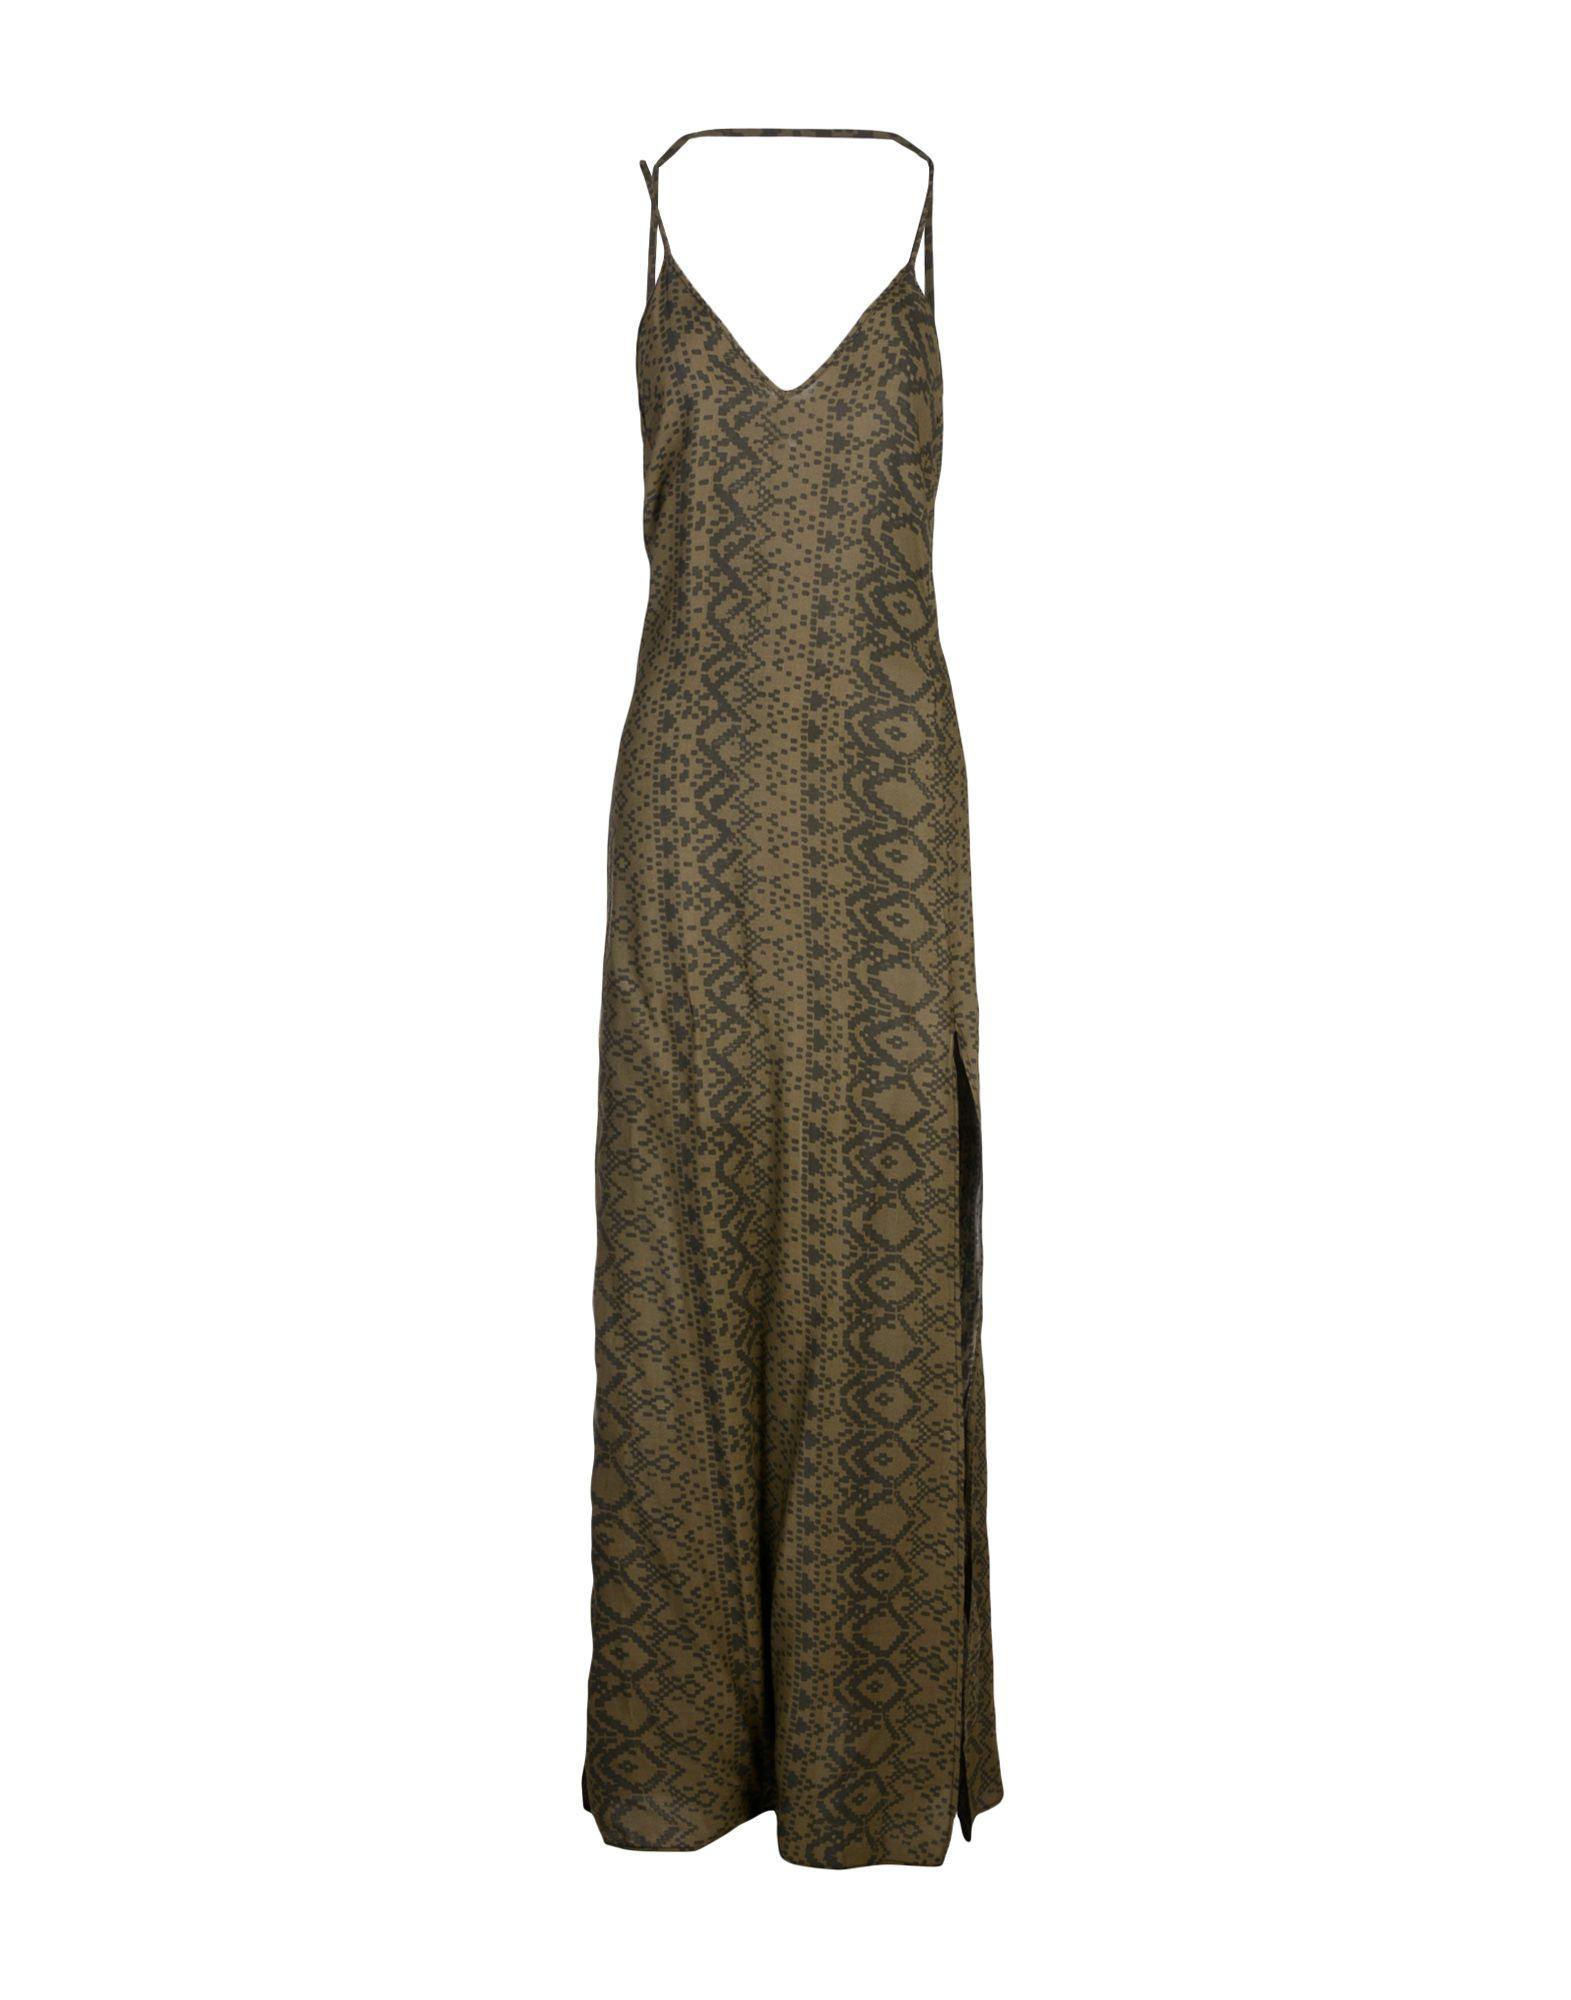 BLACK CORAL Damen Langes Kleid Farbe Militärgrün Größe 1 - broschei